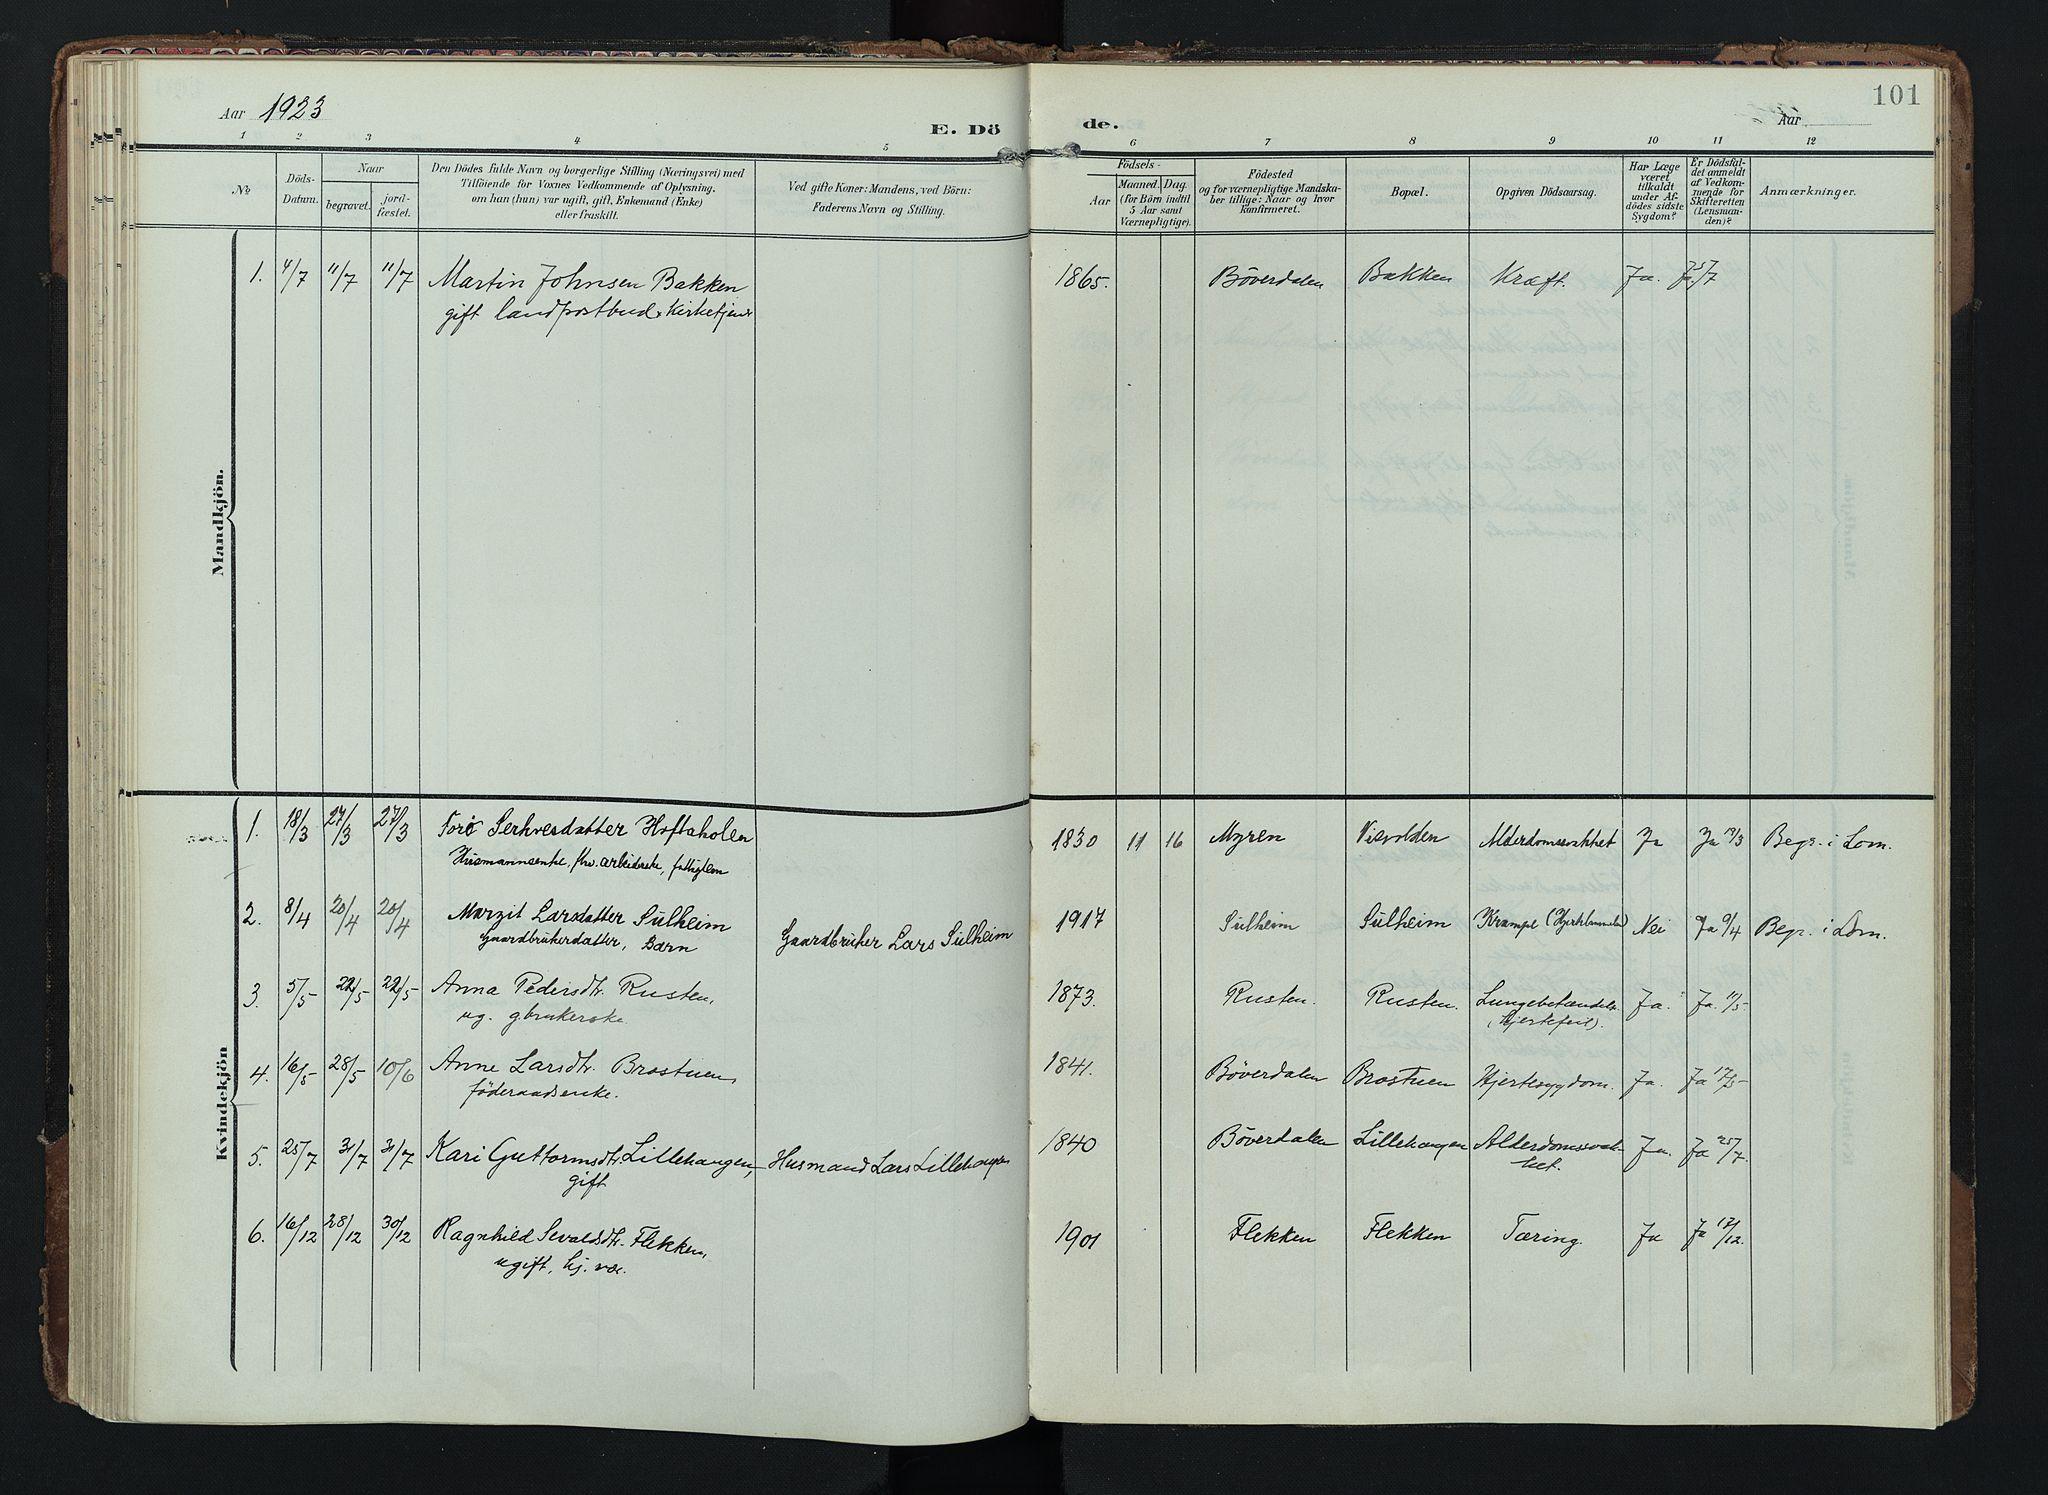 SAH, Lom prestekontor, K/L0012: Ministerialbok nr. 12, 1904-1928, s. 101